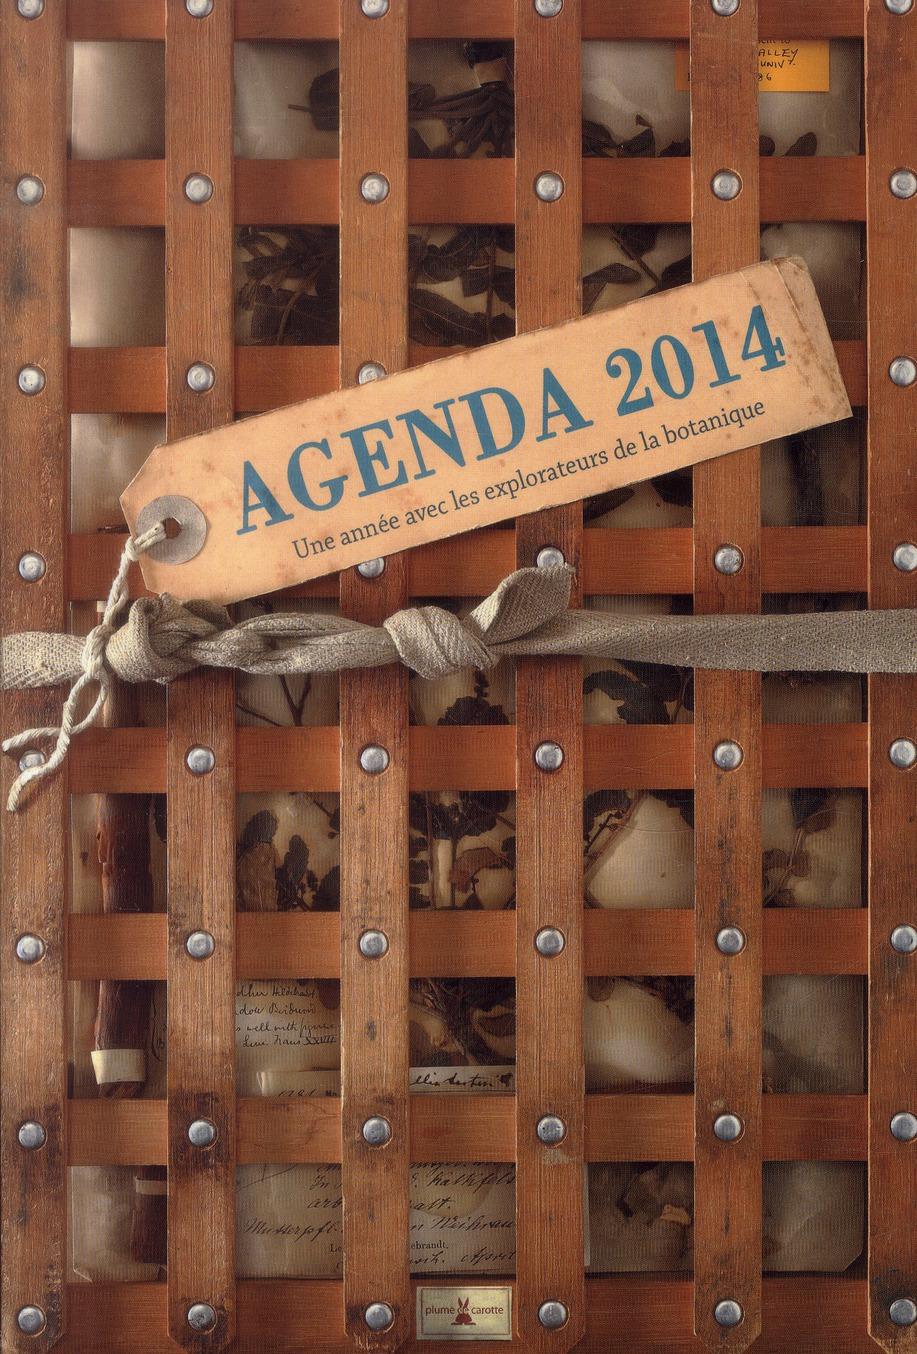 Une Annee Avec Les Explorateurs De La Botanique ; Agenda 2014